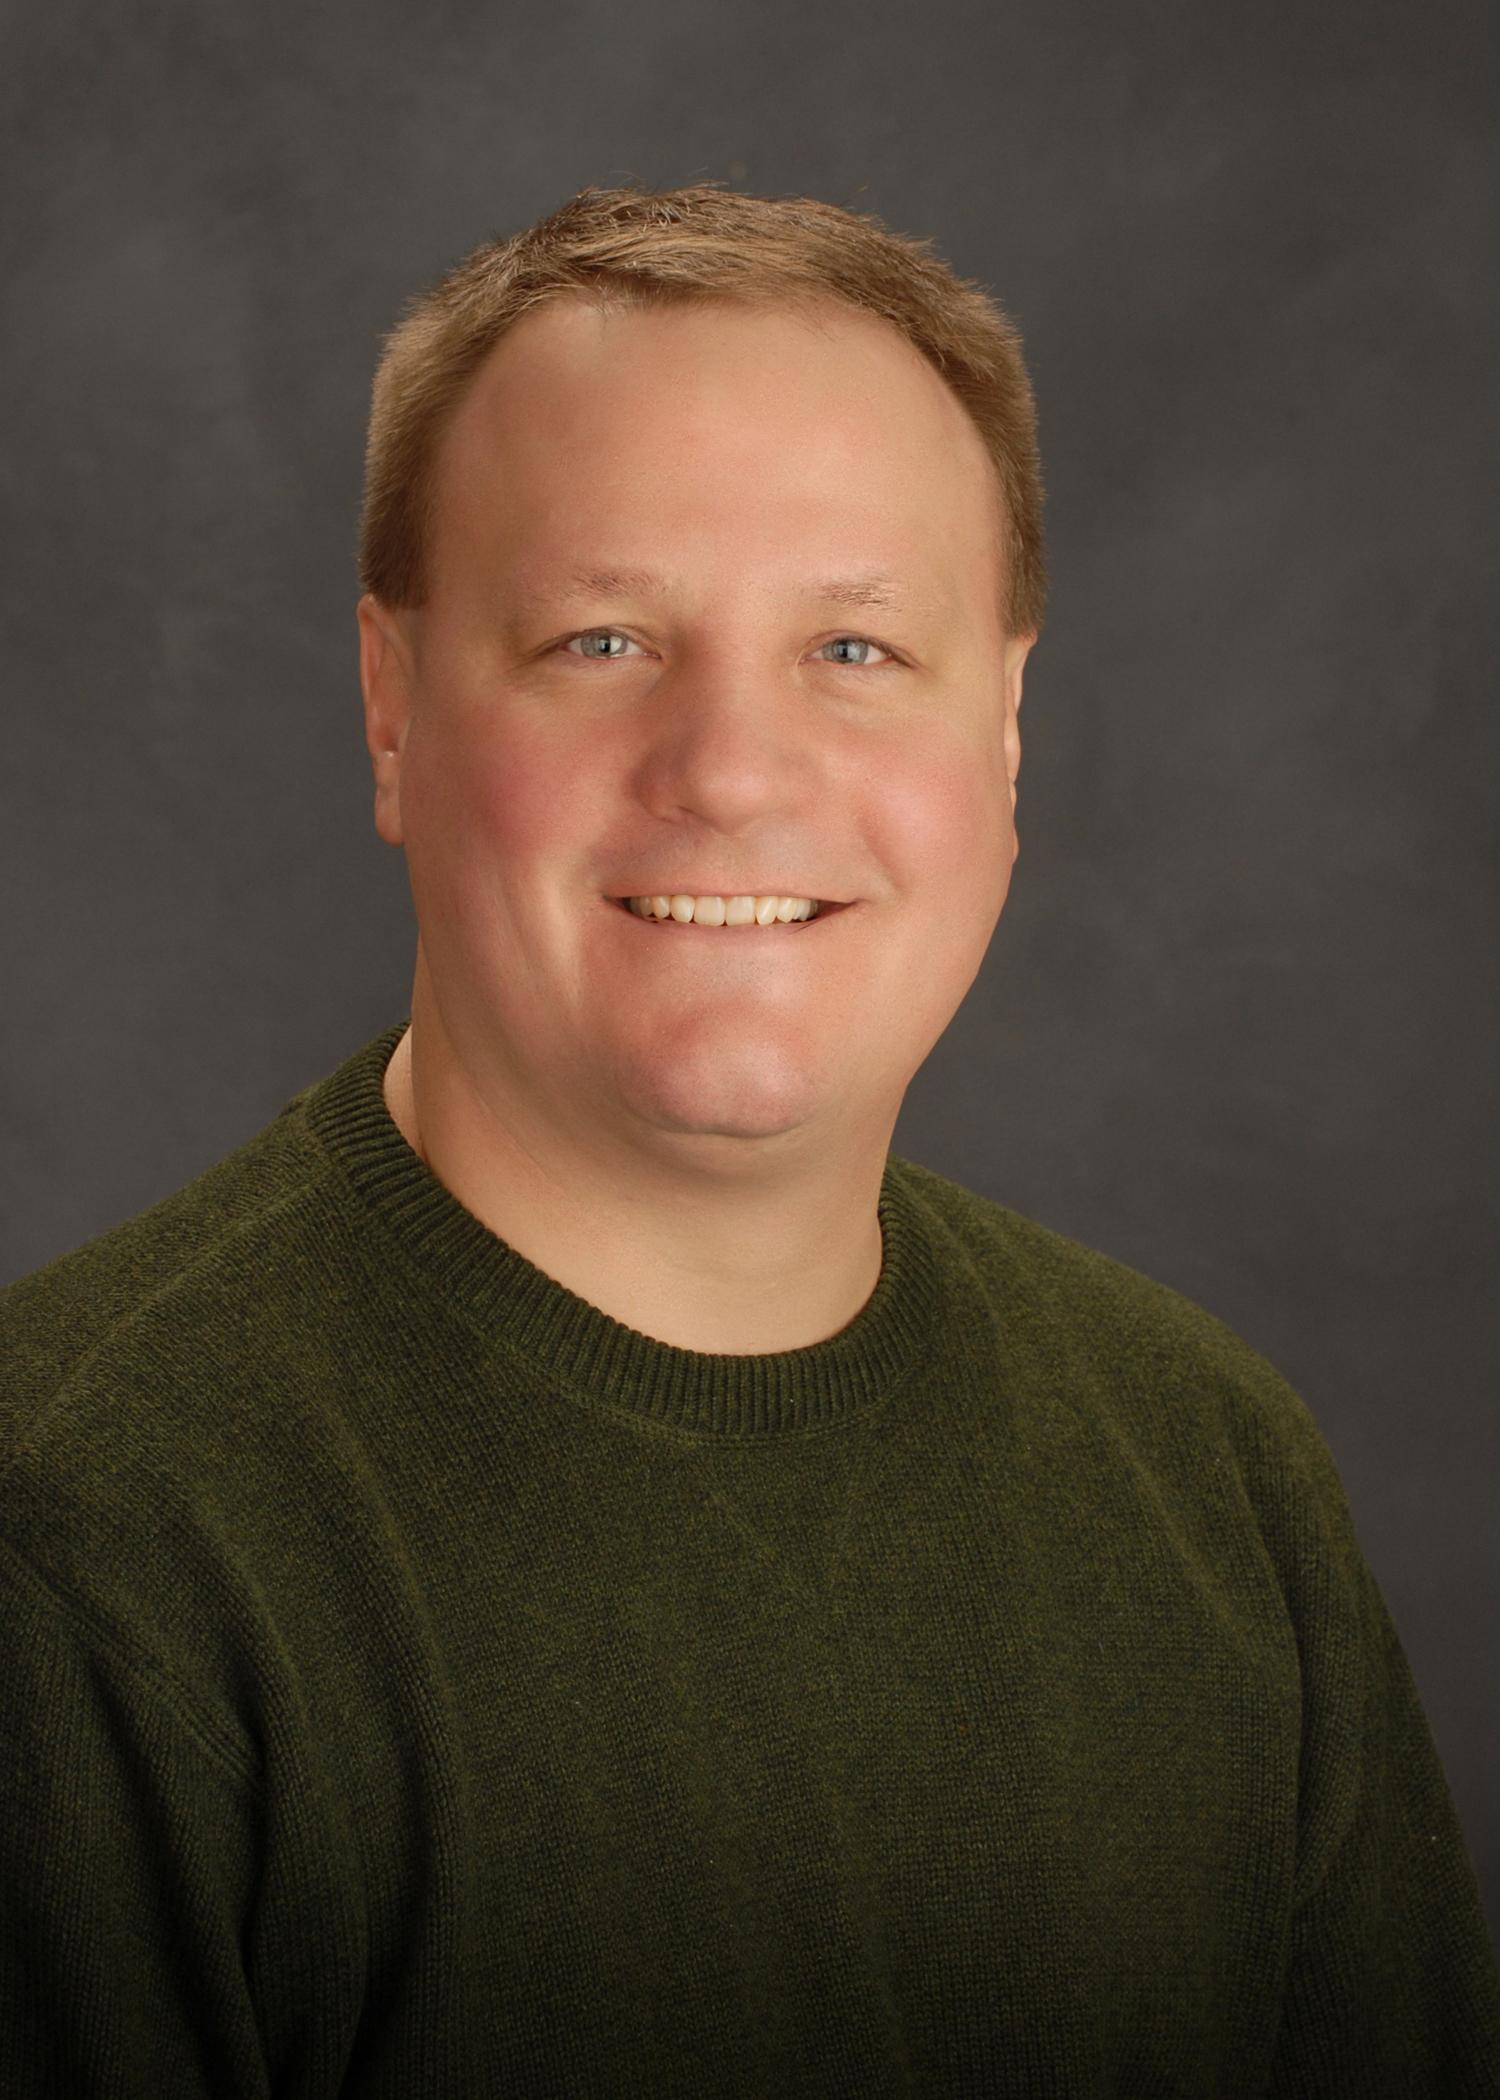 Mark Moats